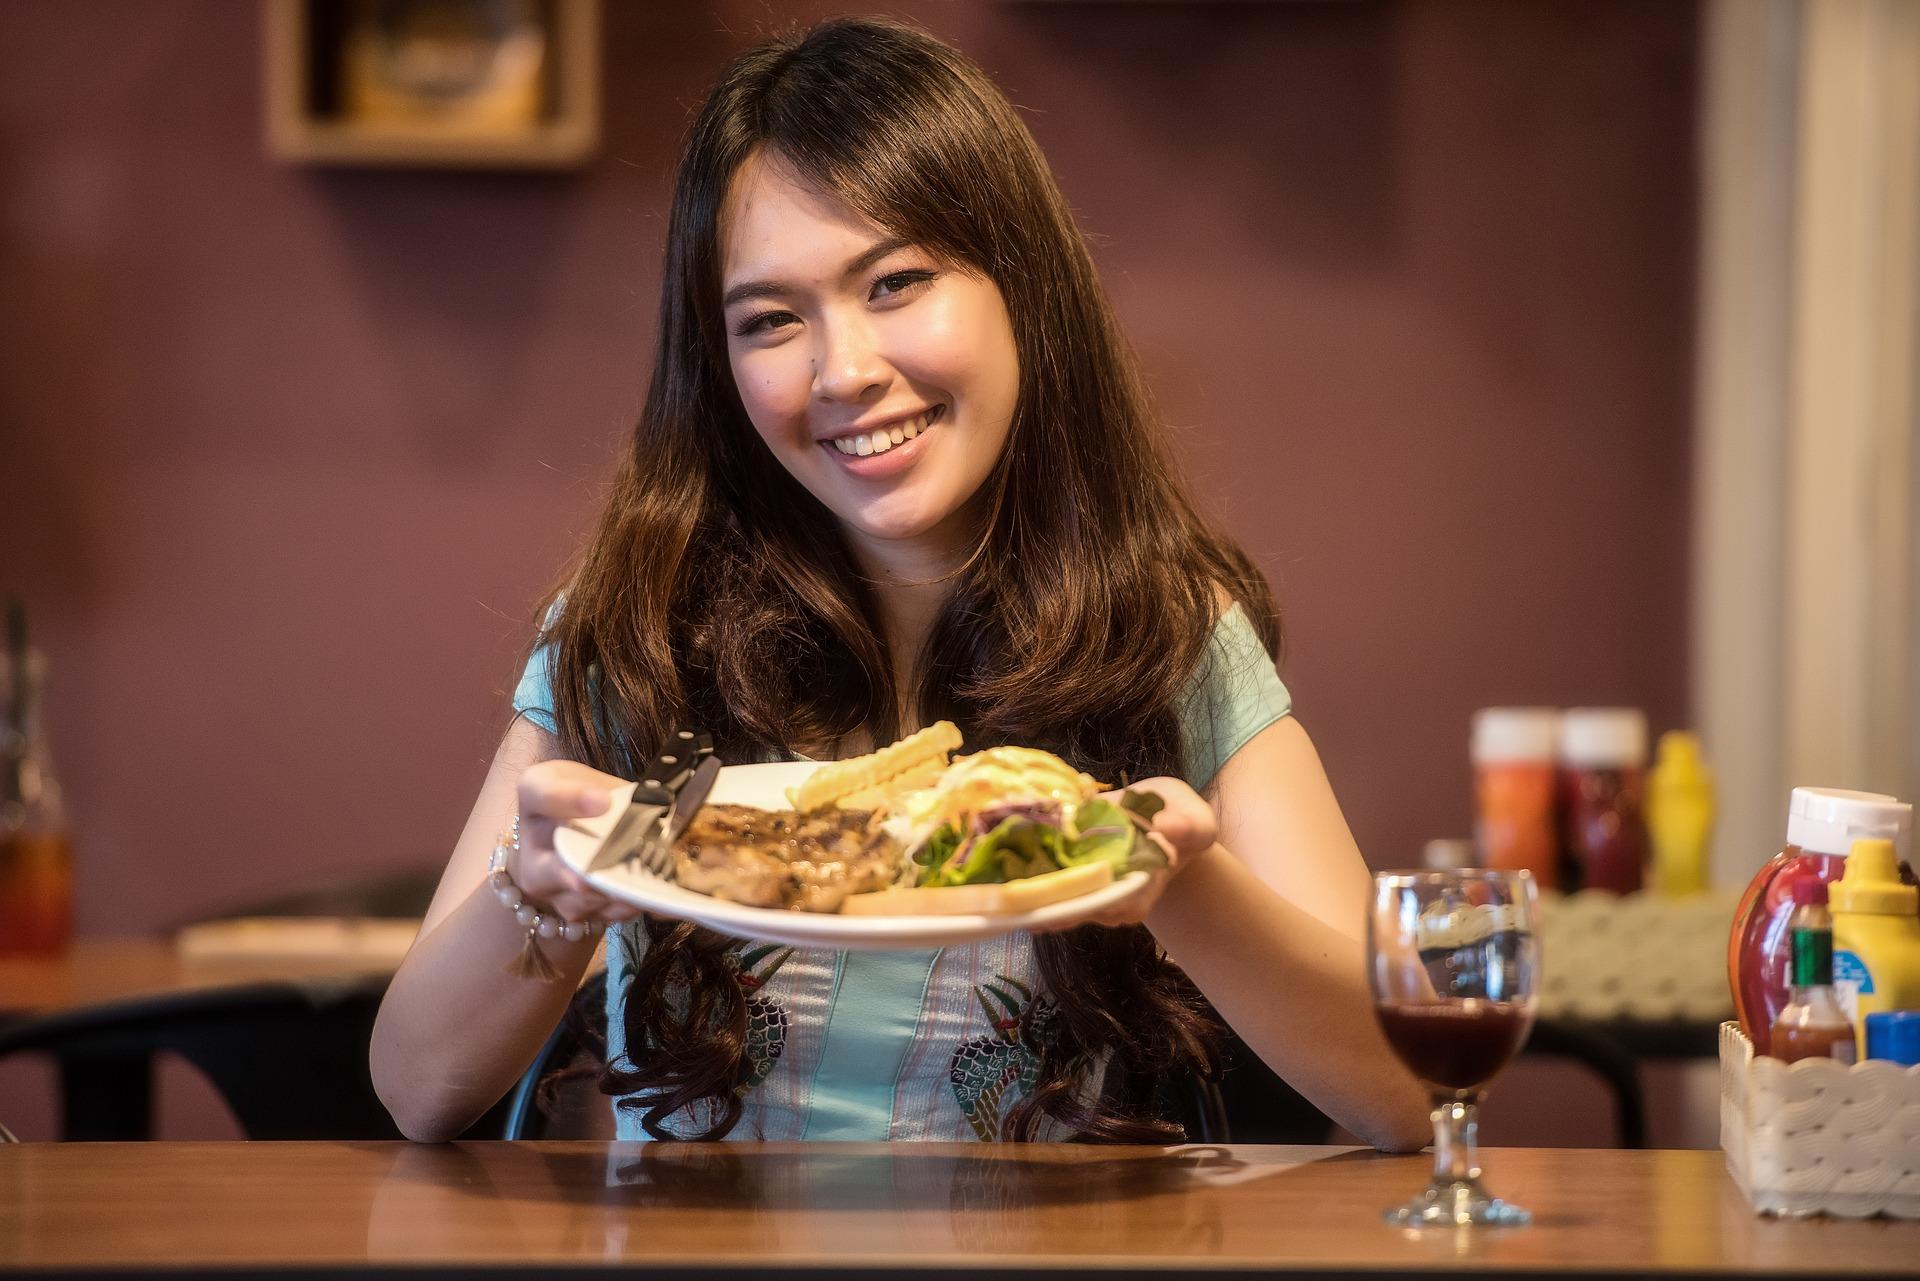 Mujer elige conscientemente sus alimentos